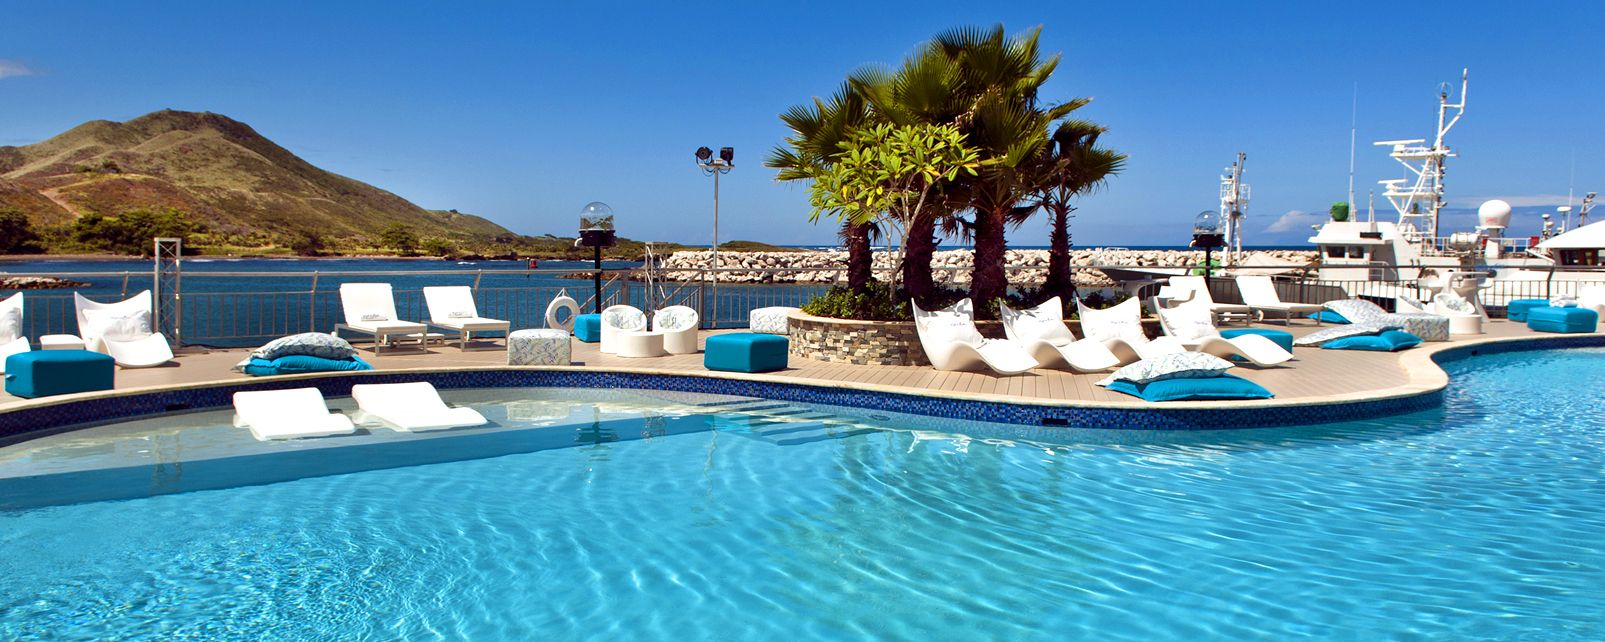 Les activités et les loisirs, Café del Mar Cofresi République Dominicaine Caraïbes piscine mer